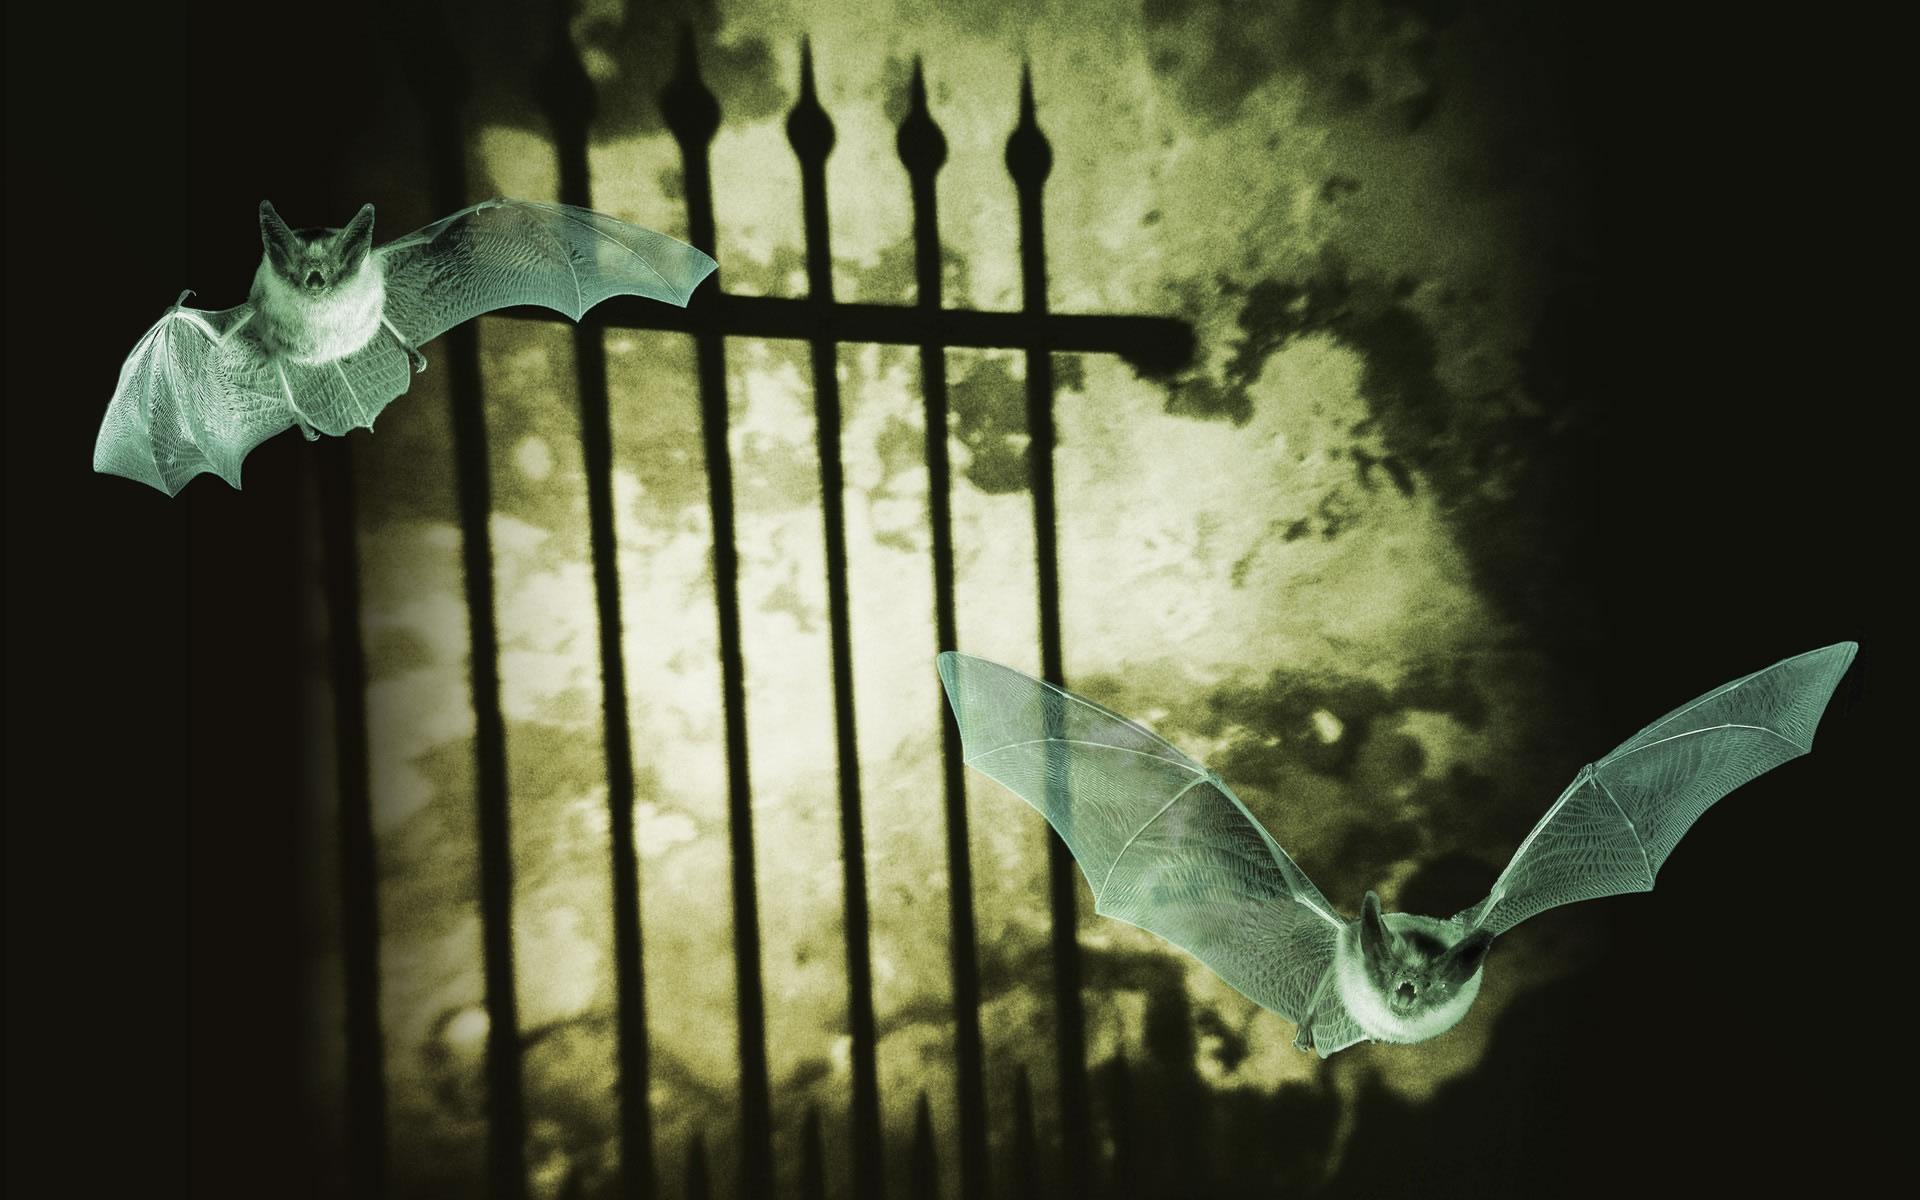 Wallpaper de Halloween con murciélagos.